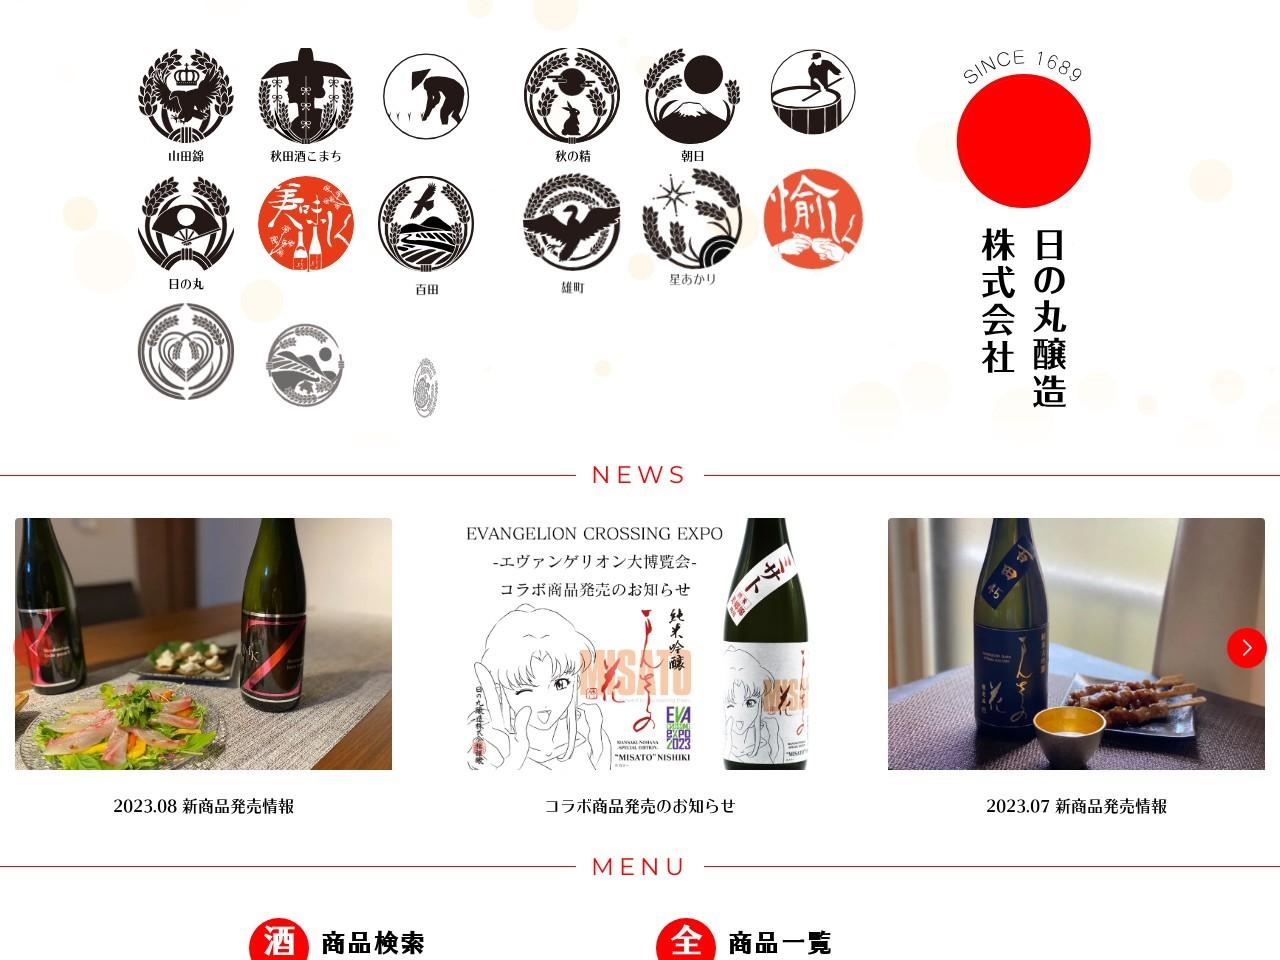 秋田の地酒「まんさくの花」 | 日の丸醸造株式会社 蔵元HP